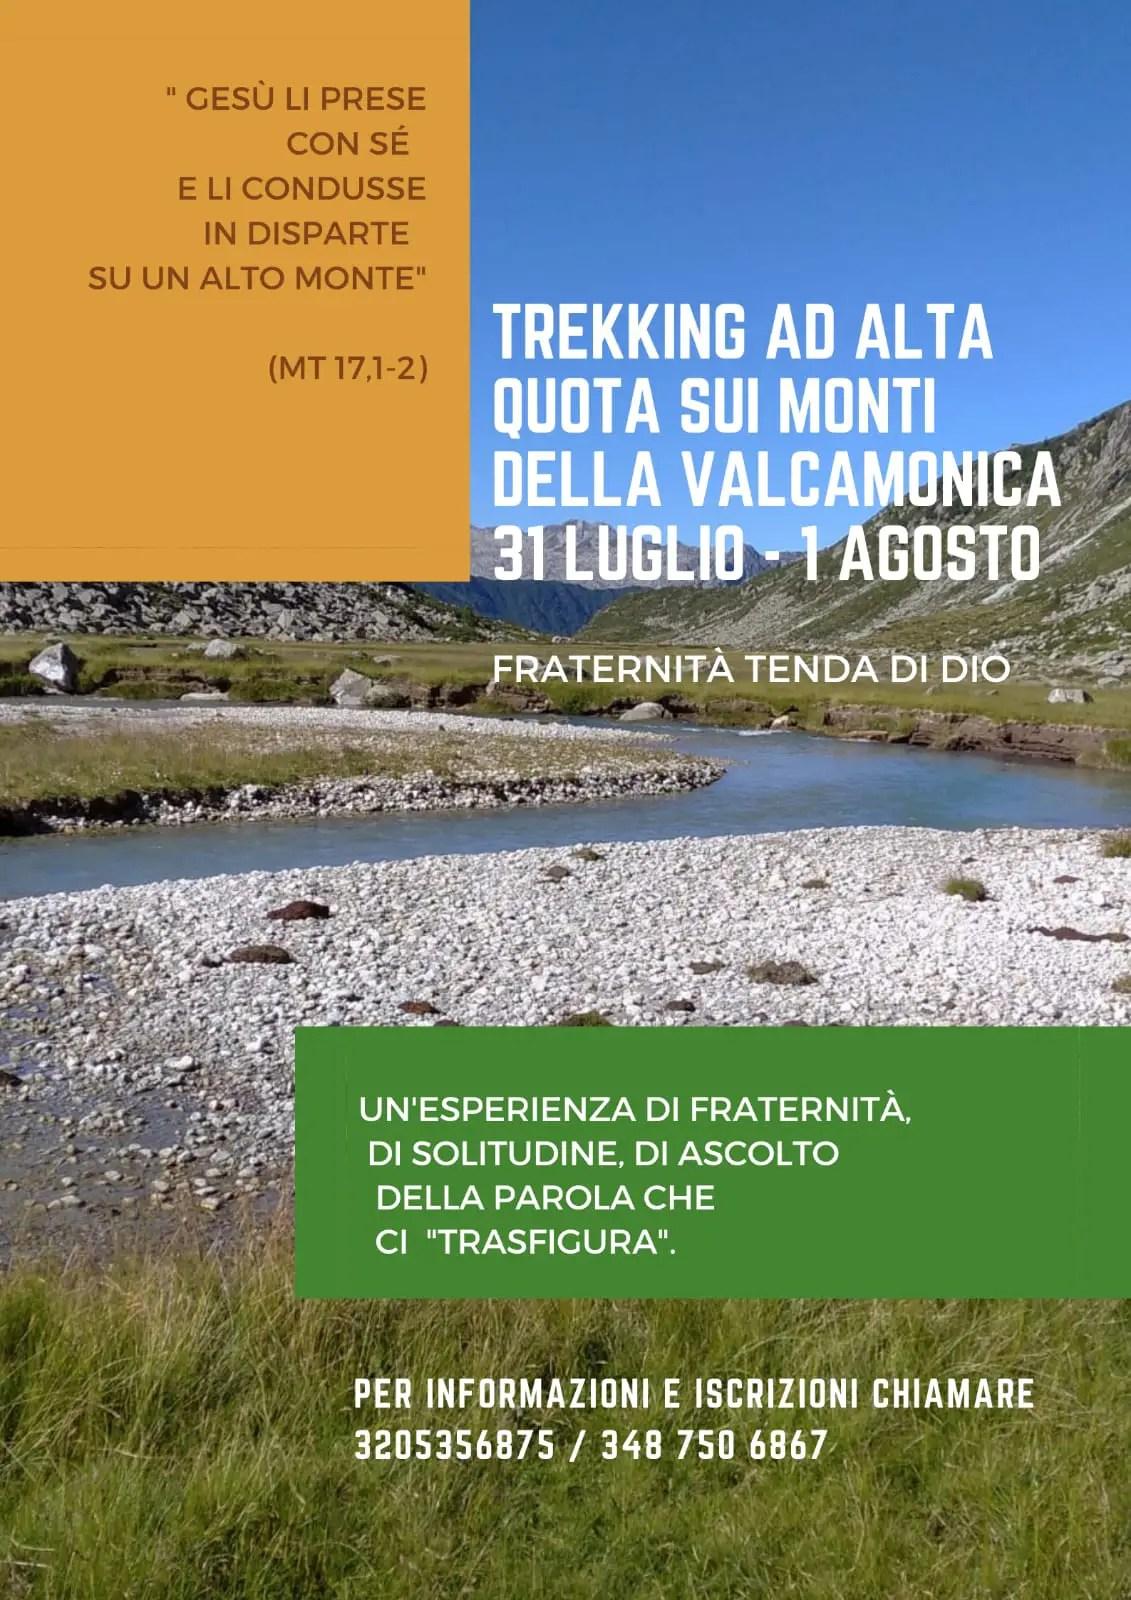 Verso l'Alto! 31 luglio   1° agosto: trekking di alta quota